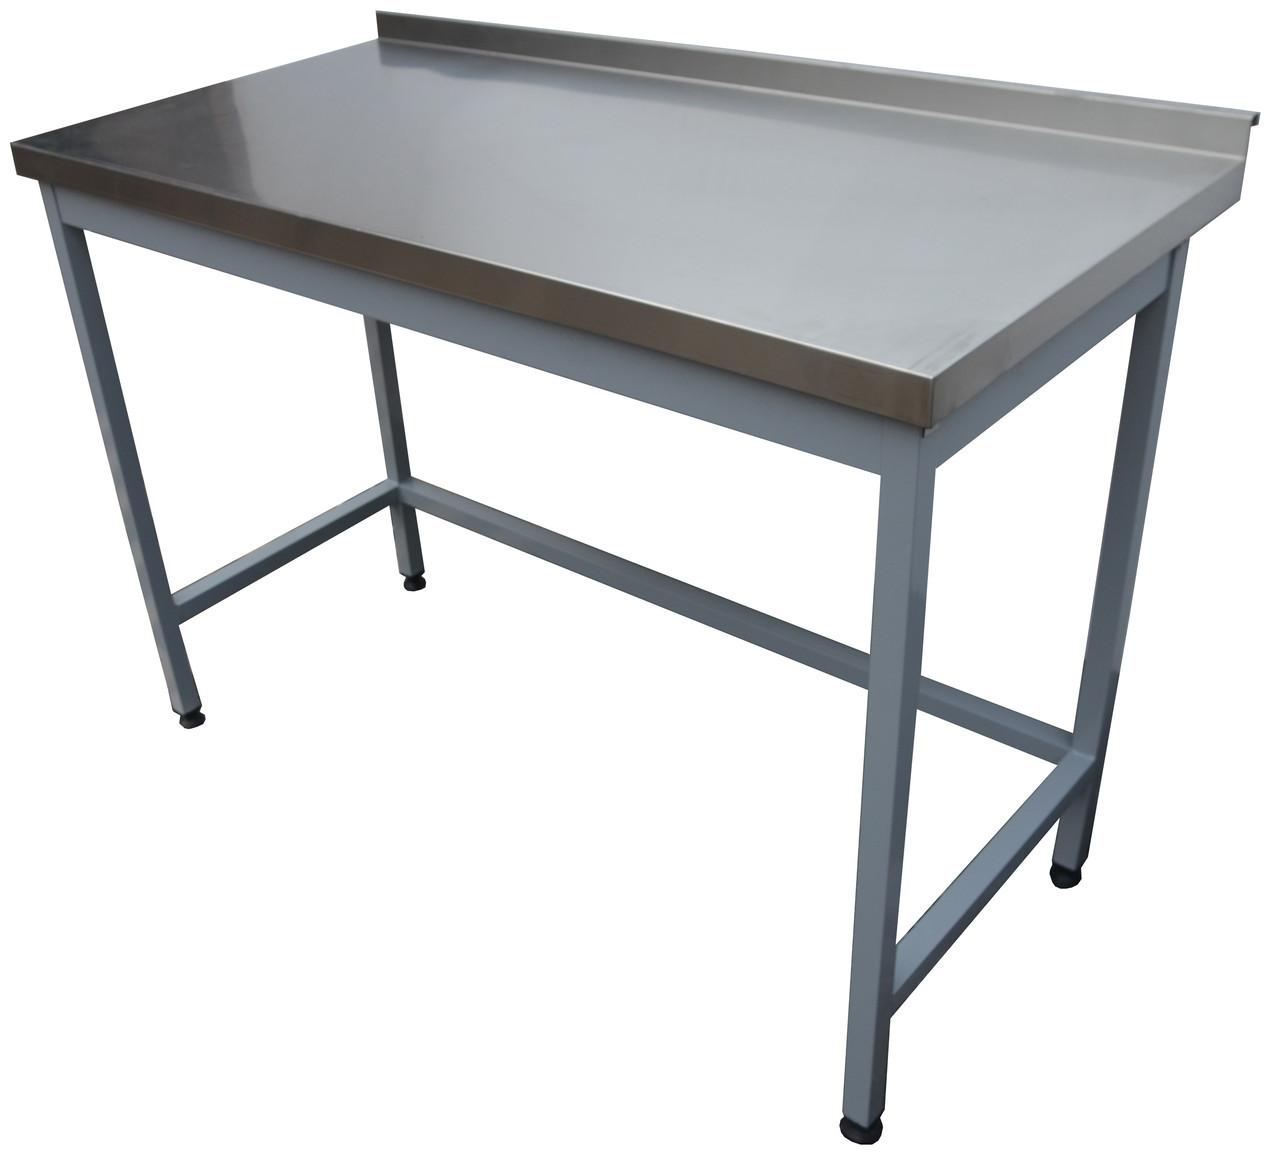 Стол производственный из нержавеющей стали без полки 700, 600, AISI 304